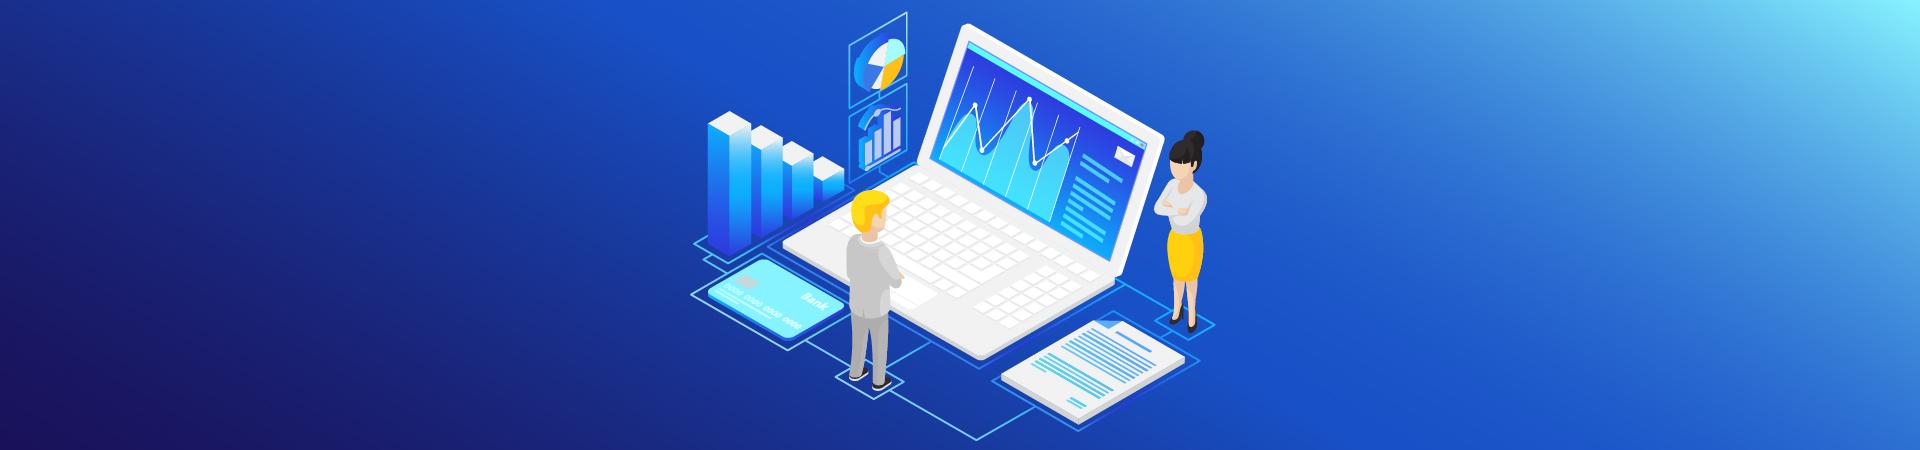 sales profitability analysis